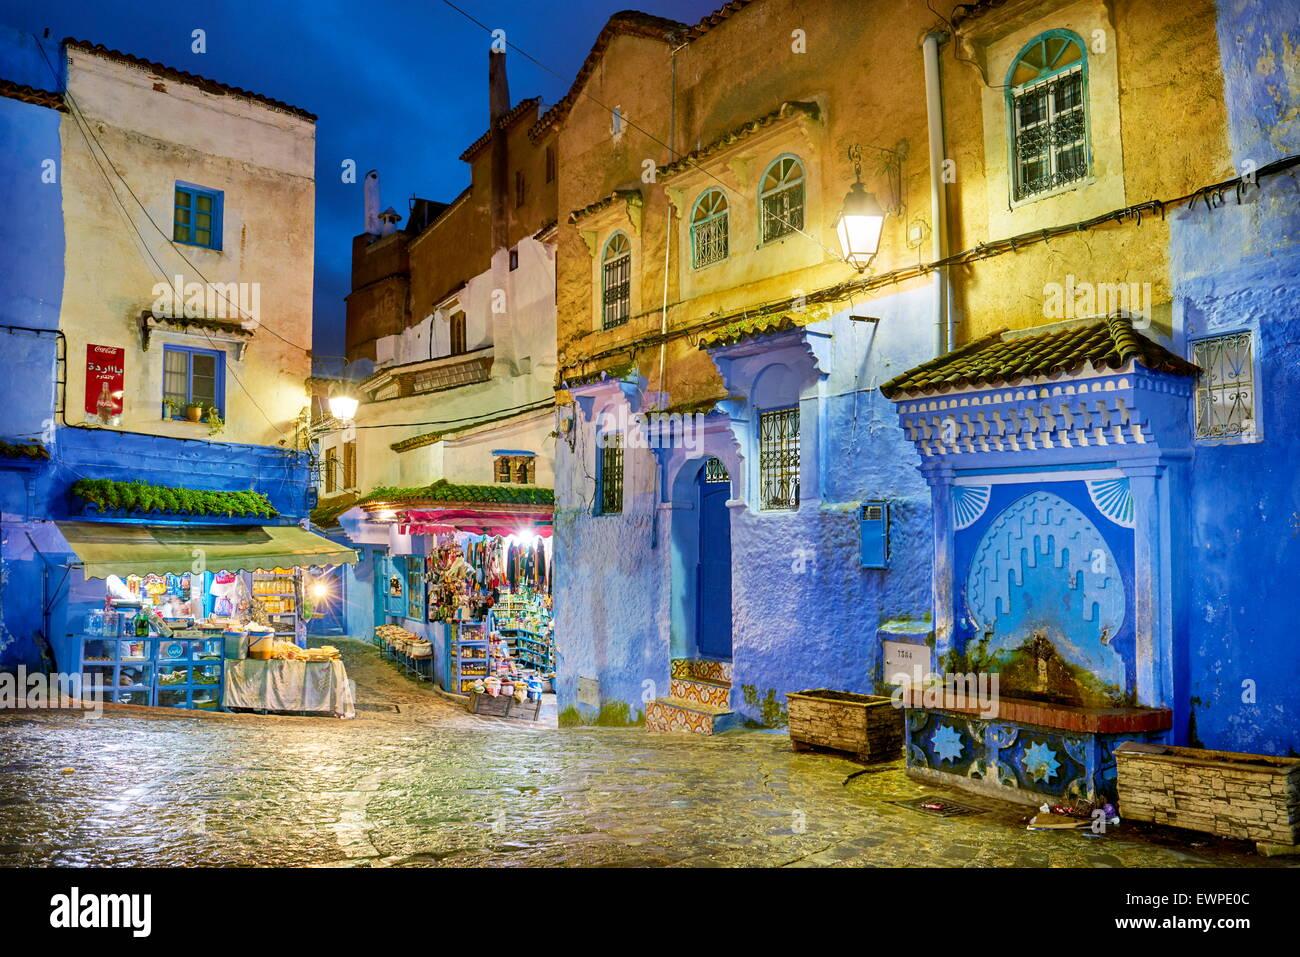 Blau gestrichene Wände in alte Medina von Chefchaouen, Marokko, Afrika Stockbild